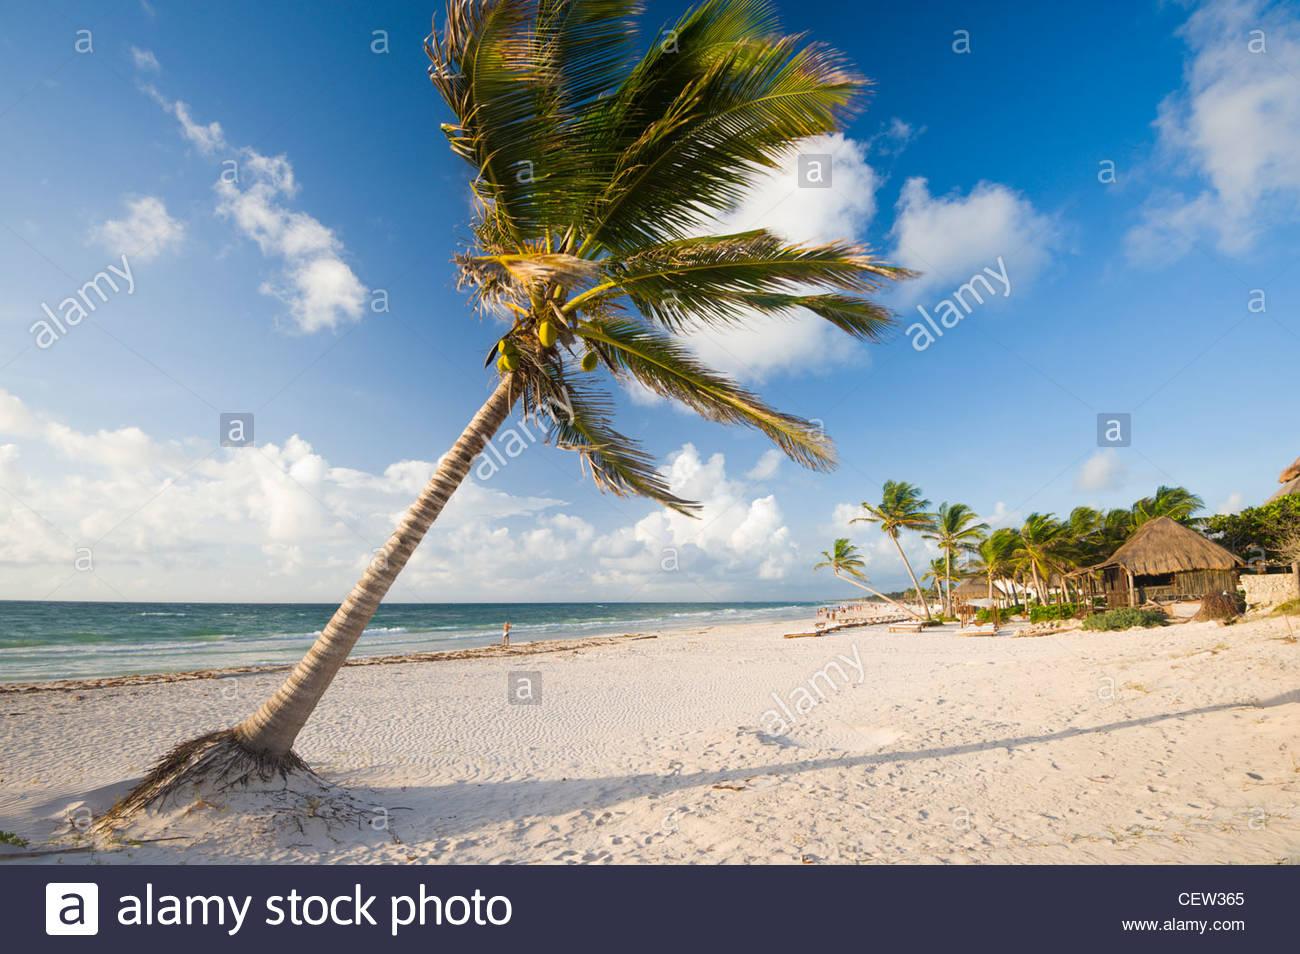 Palm Tree sulla spiaggia di Tulum, Quintana Roo, la penisola dello Yucatan, Messico. Immagini Stock